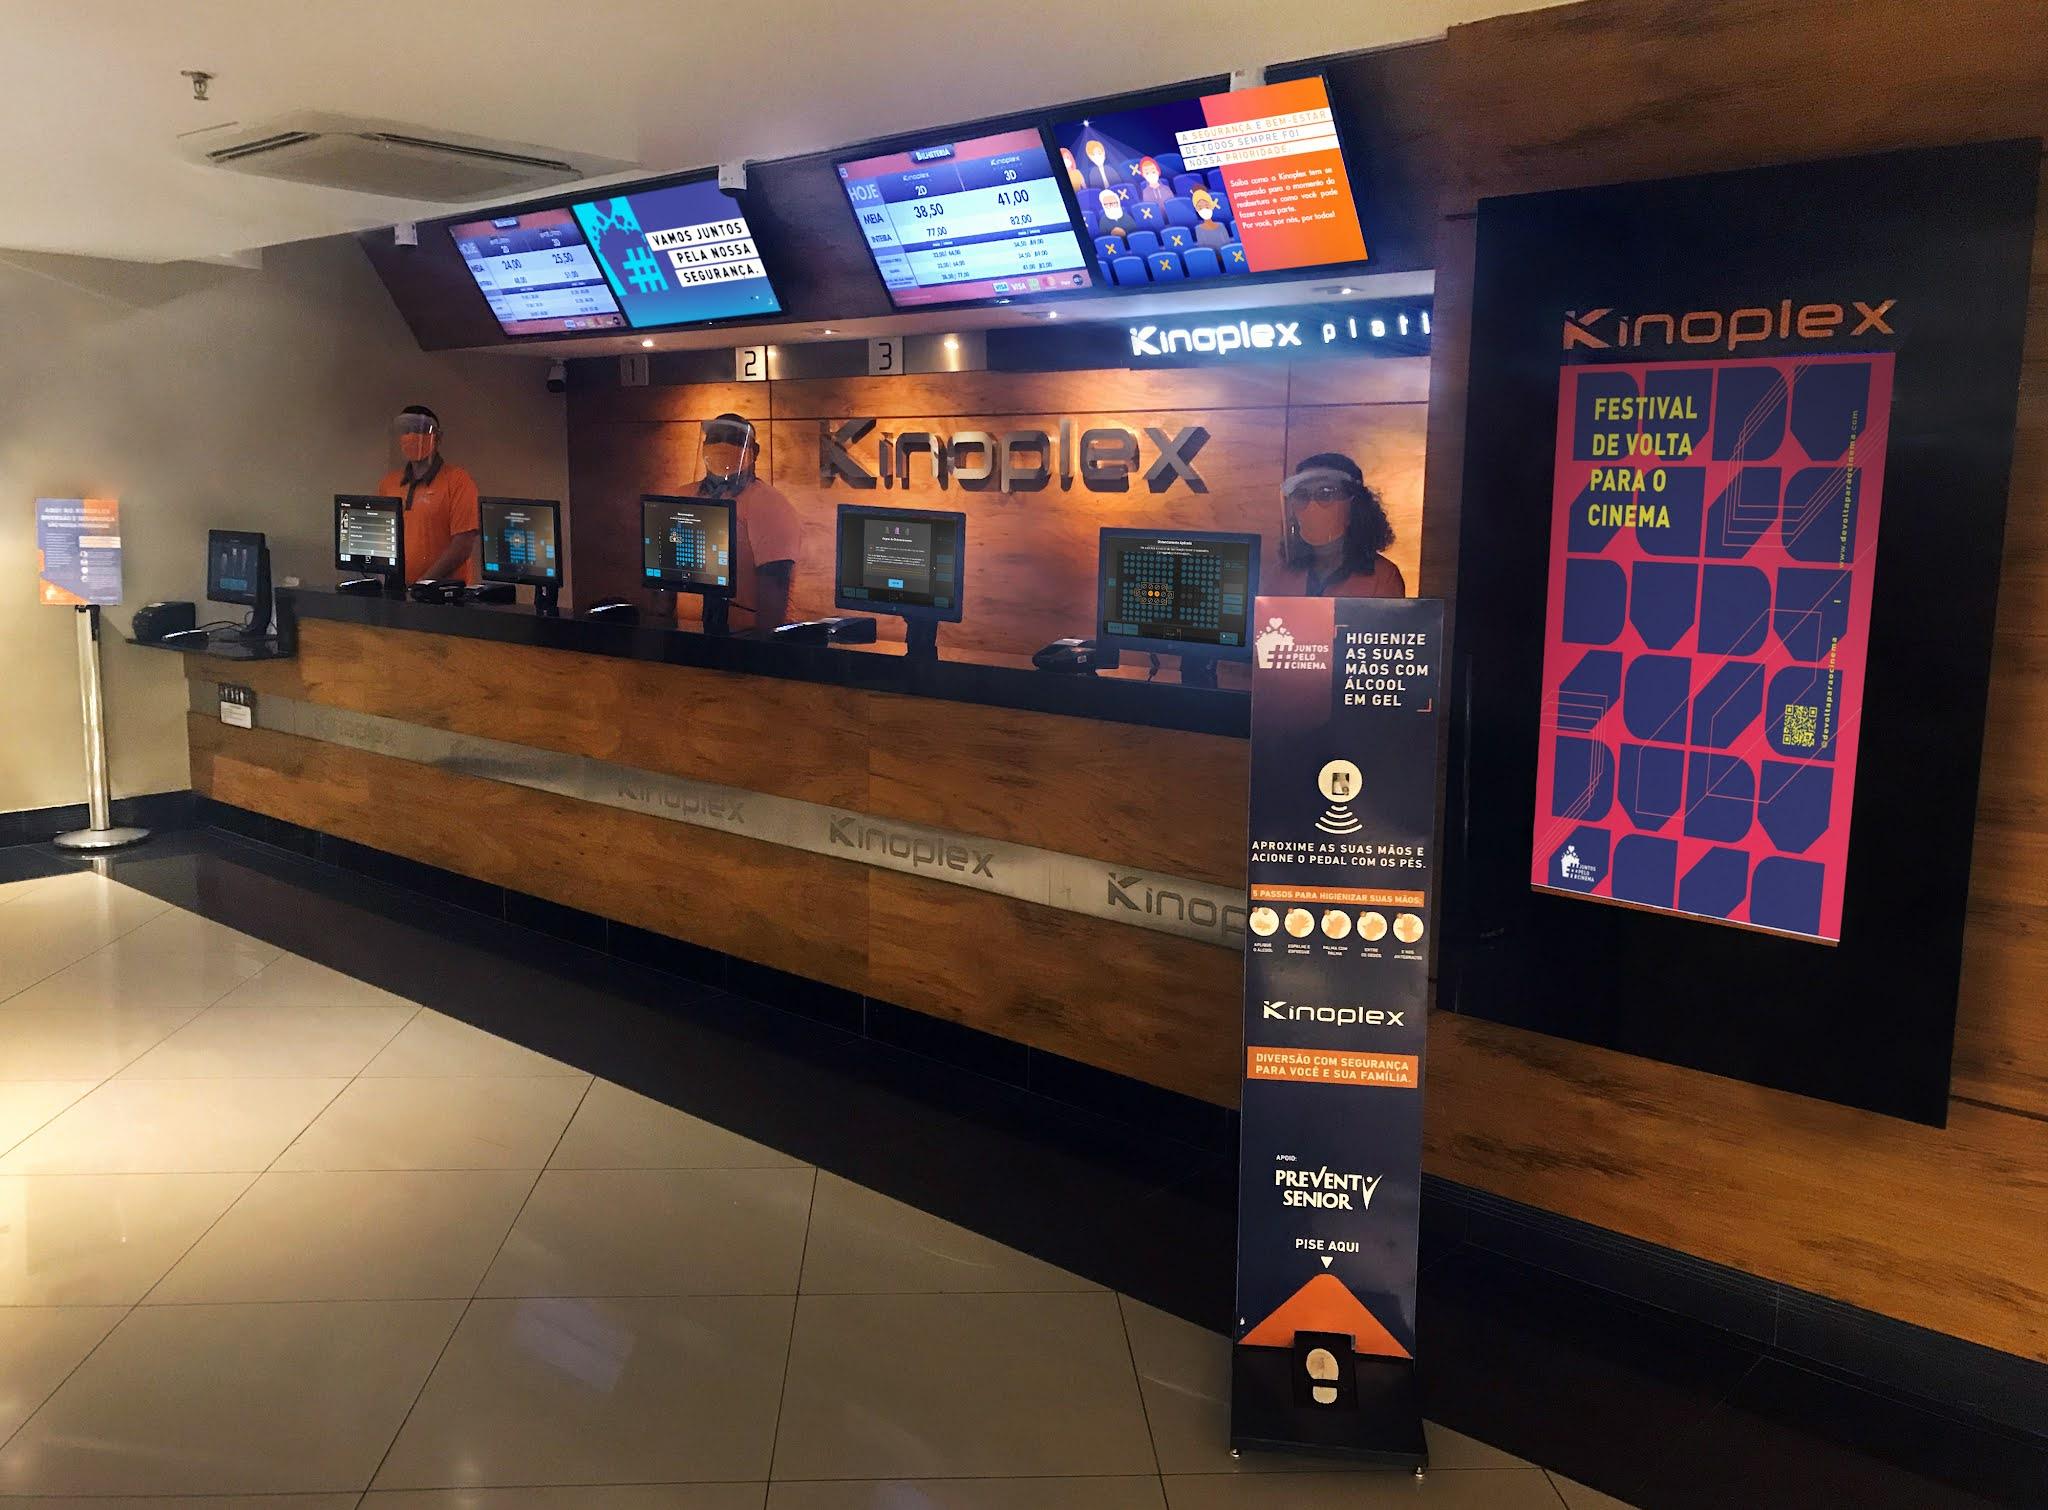 Kinoplex reabre todos os seus cinemas no Brasil pela primeira vez desde março de 2020